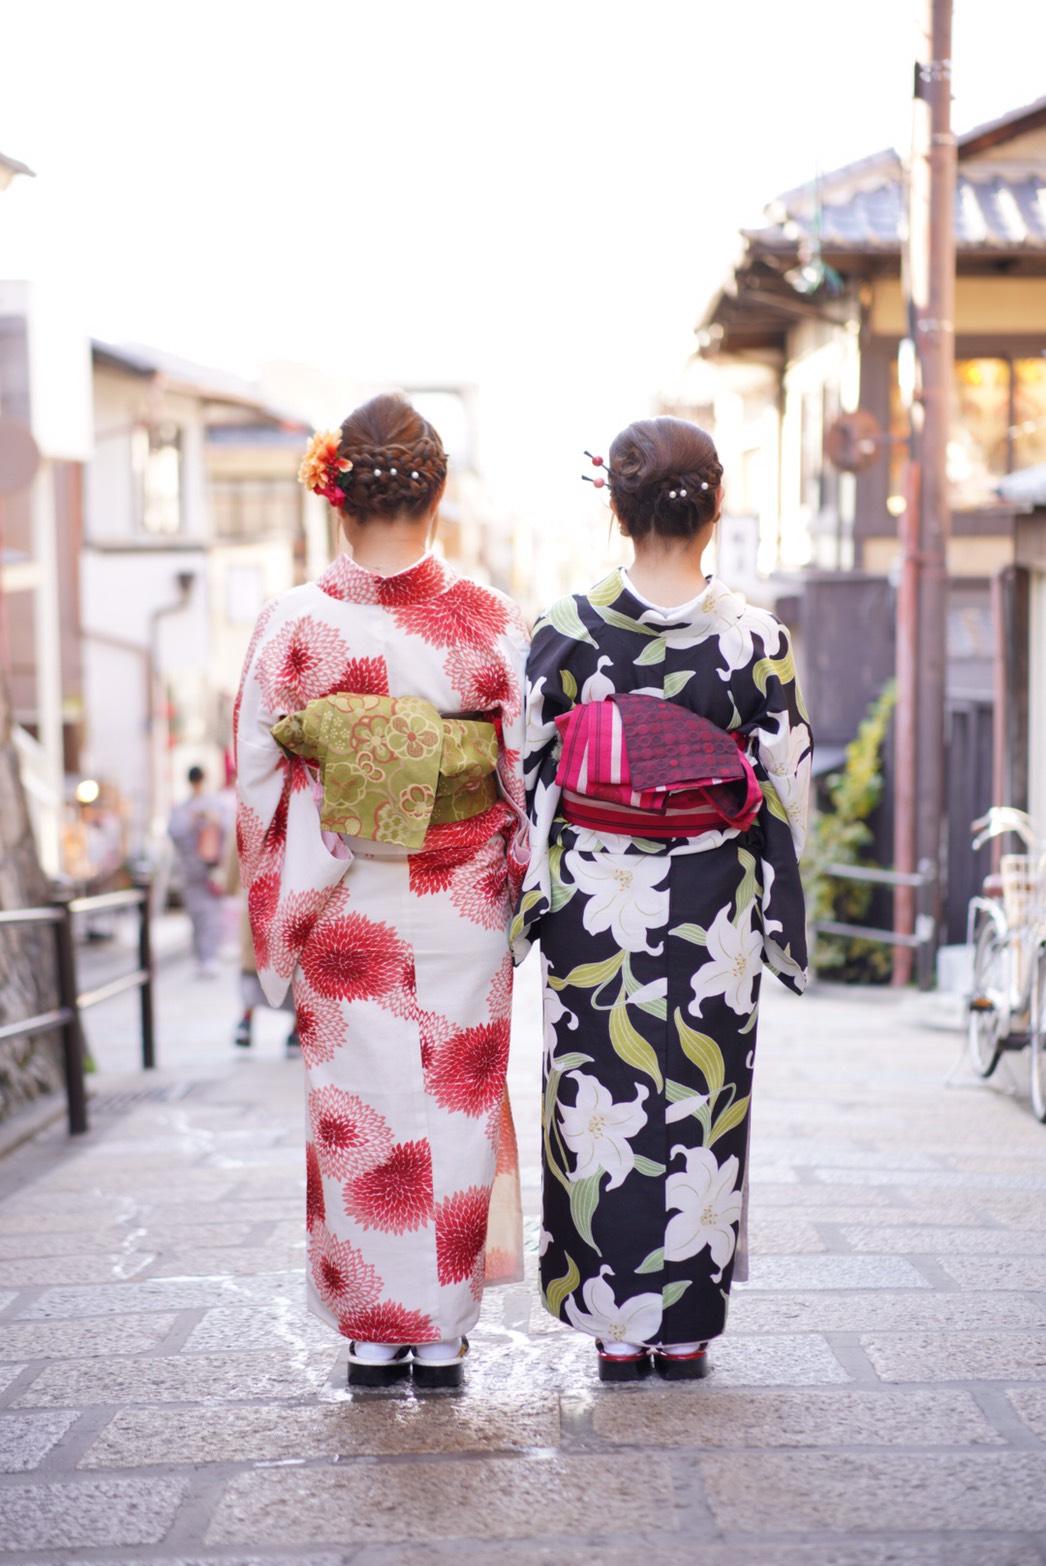 常連様❣着物で京都のカフェ巡り2019年12月9日1